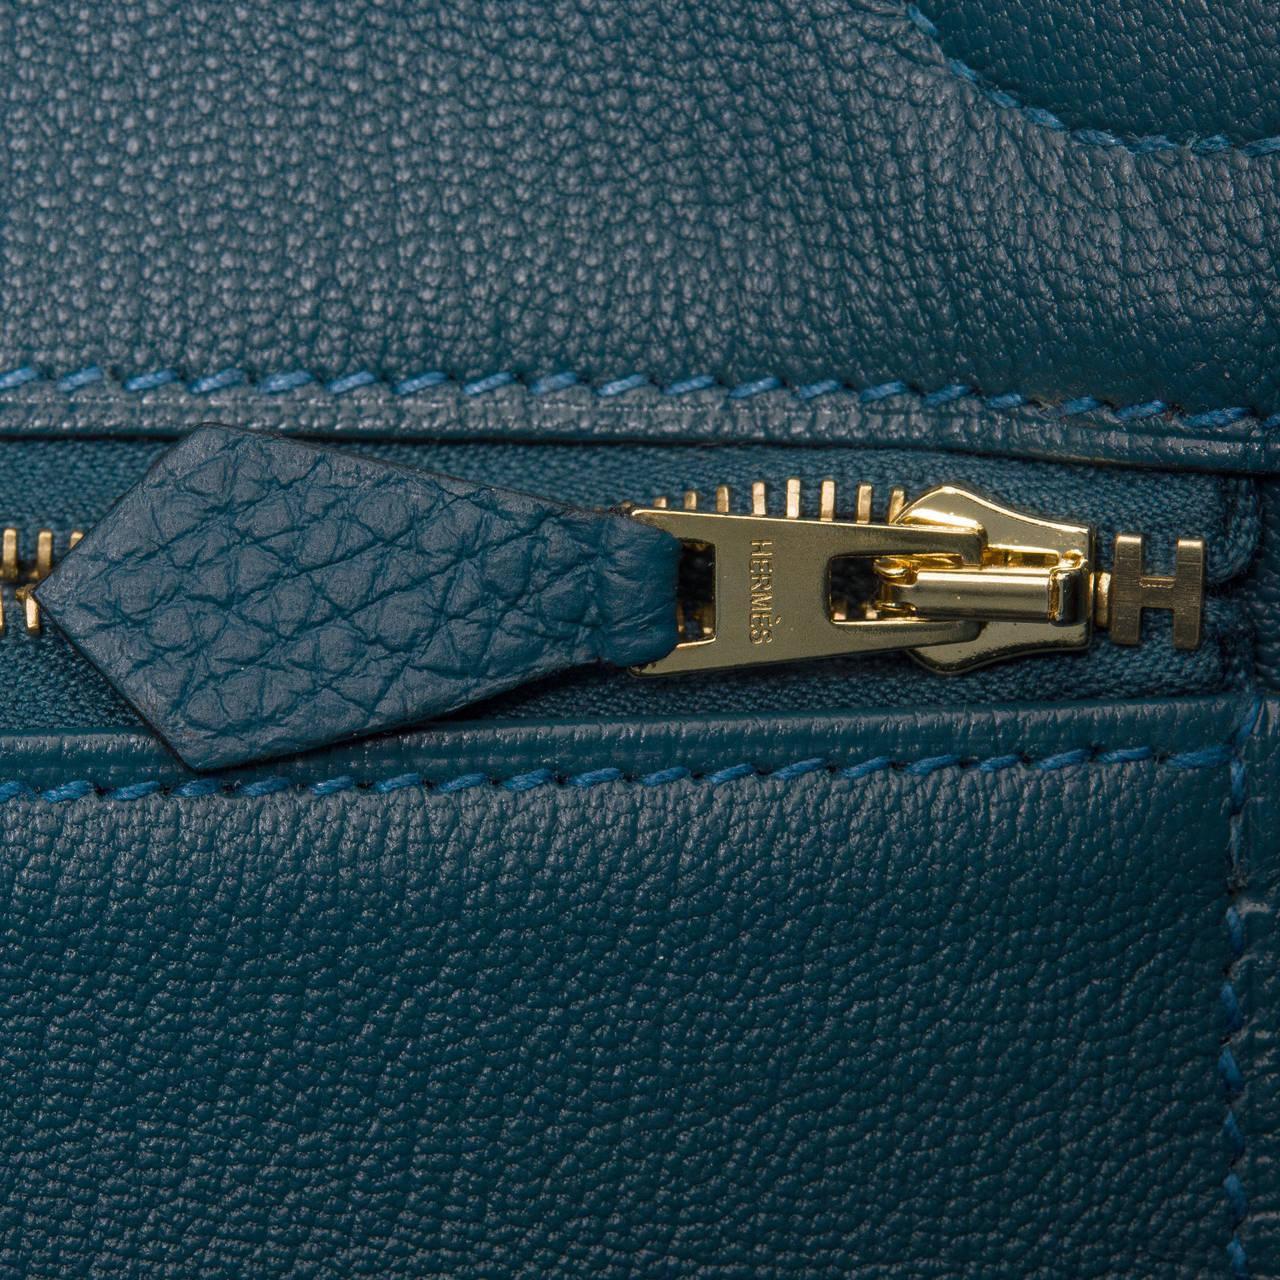 mens hermes wallet - Hermes Colvert Togo Birkin 30cm Gold Hardware at 1stdibs